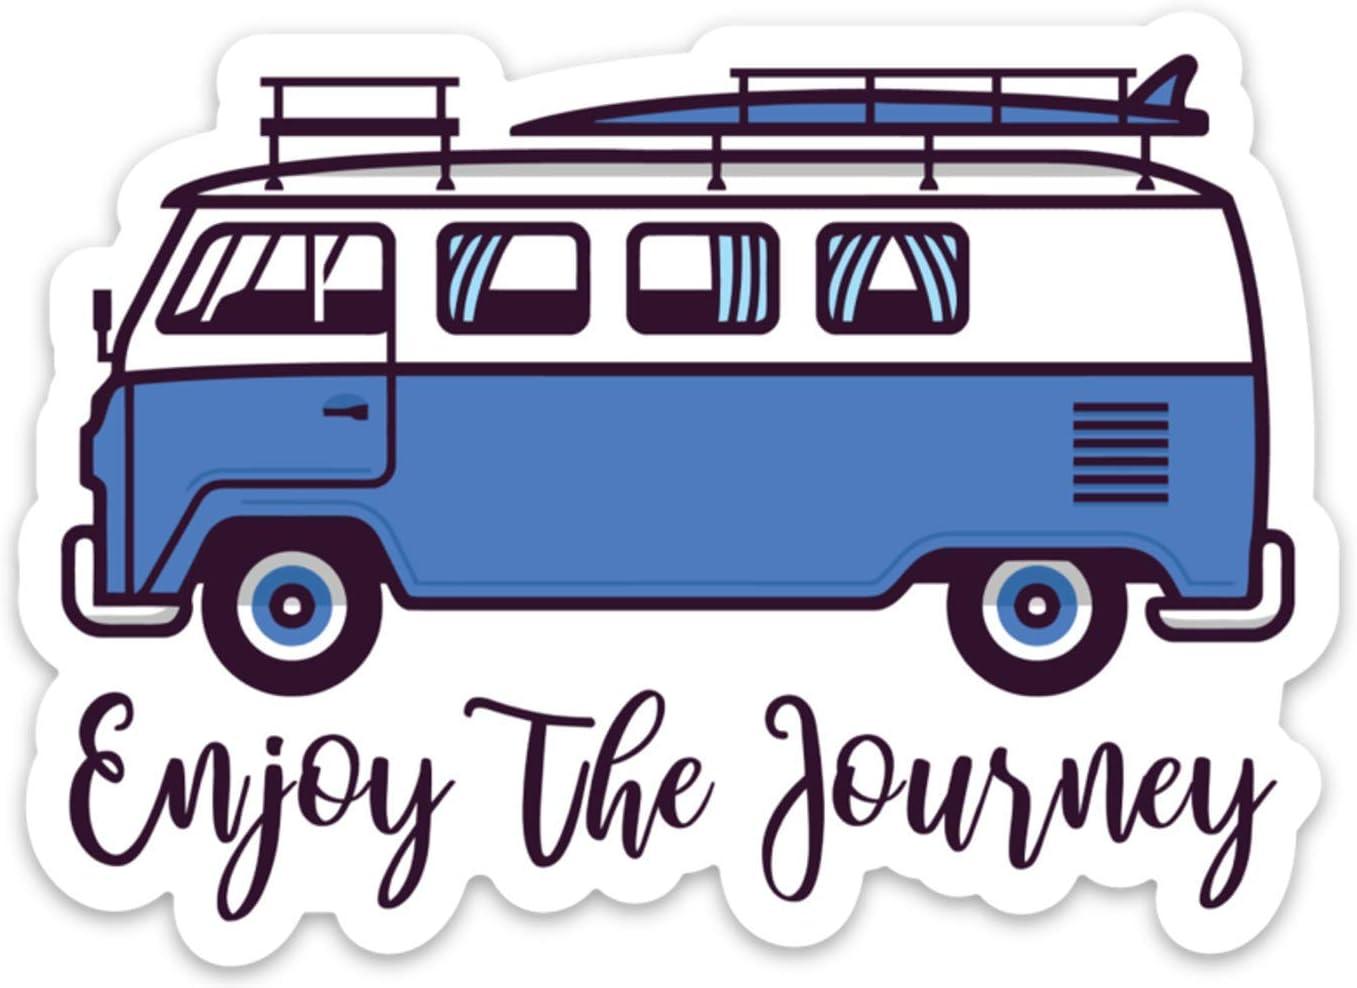 Stickeroonie Enjoy The Journey Sticker Decal Adventure Surf Camping 4